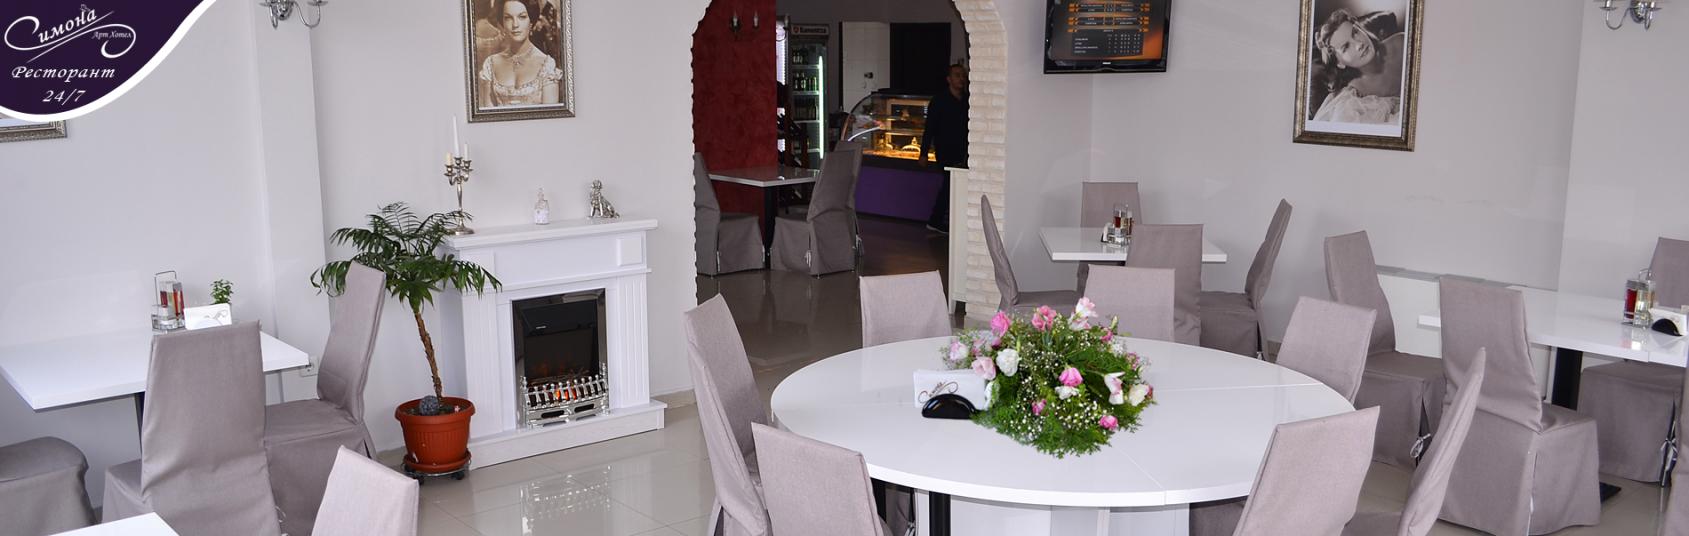 Ресторант Симона в София